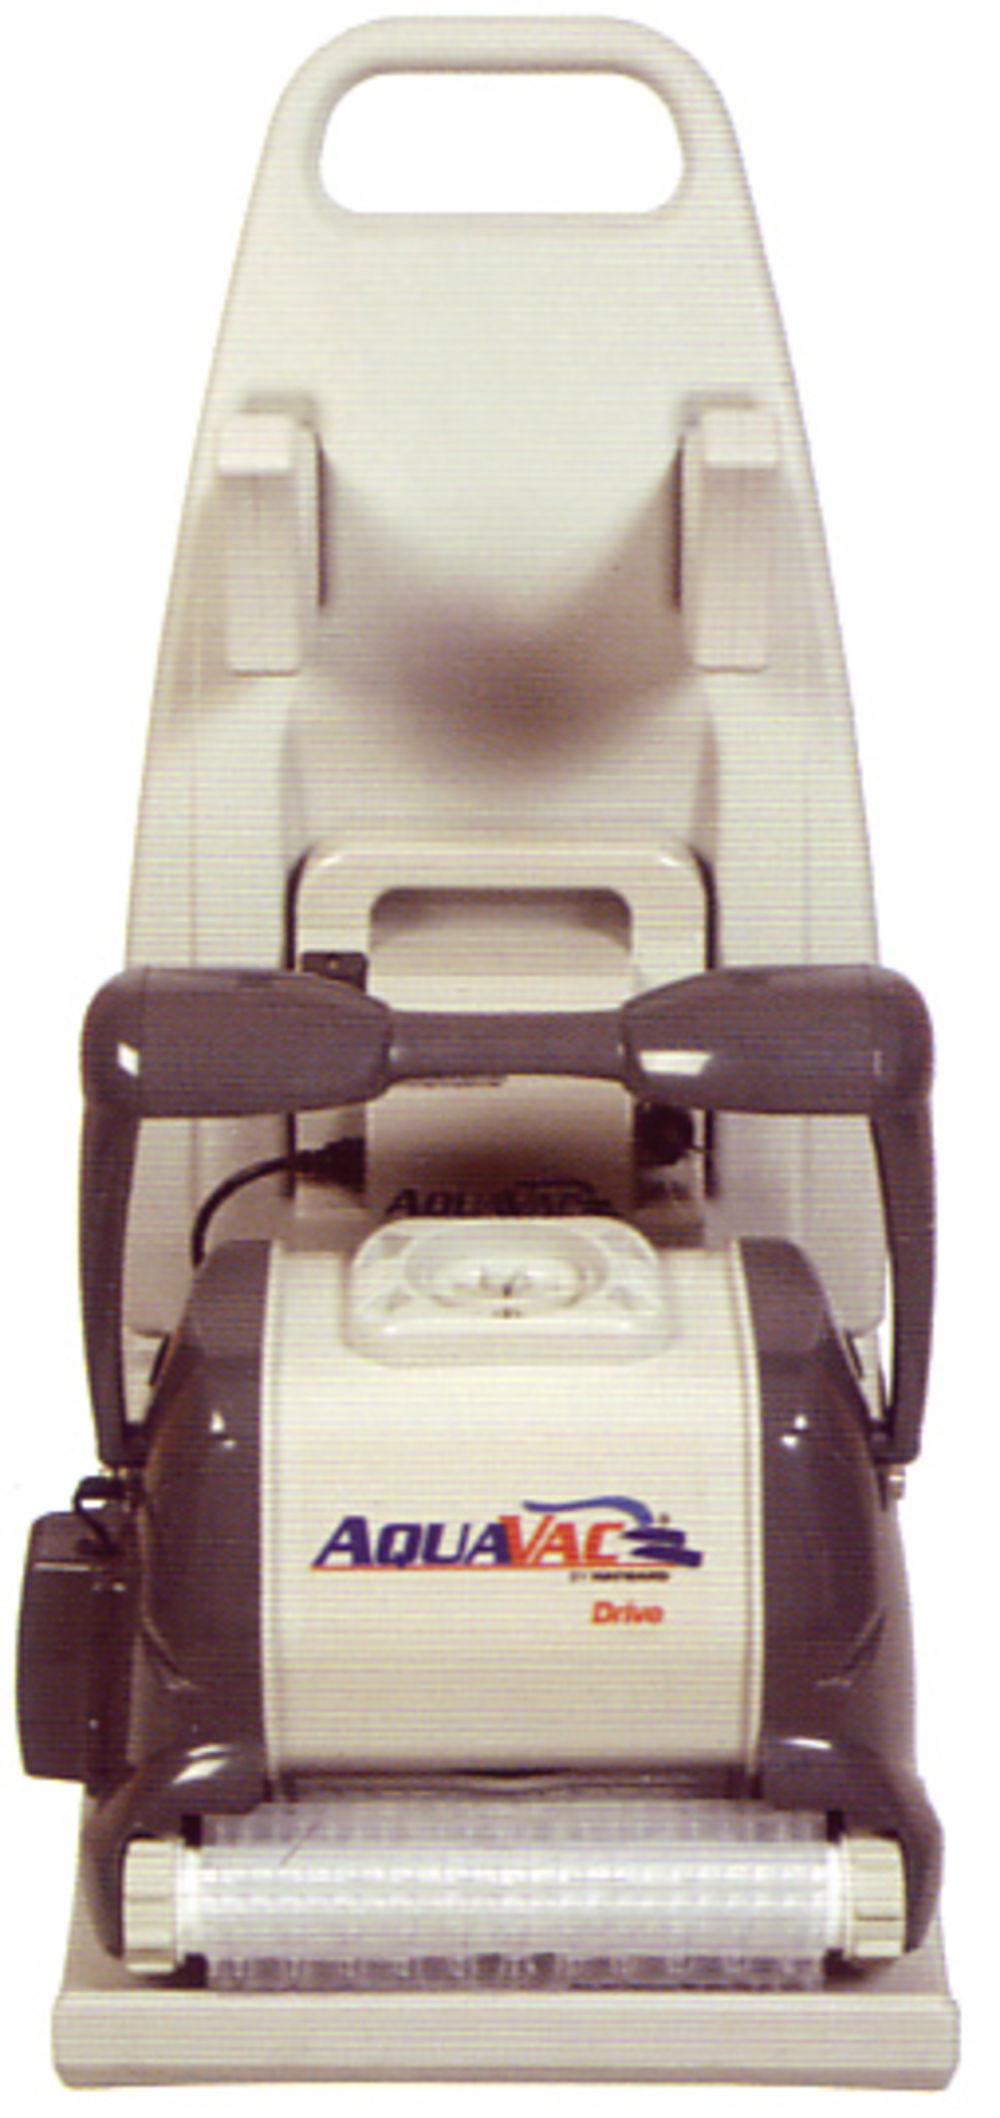 Automatic Aquavac Swimming Pool Cleaner